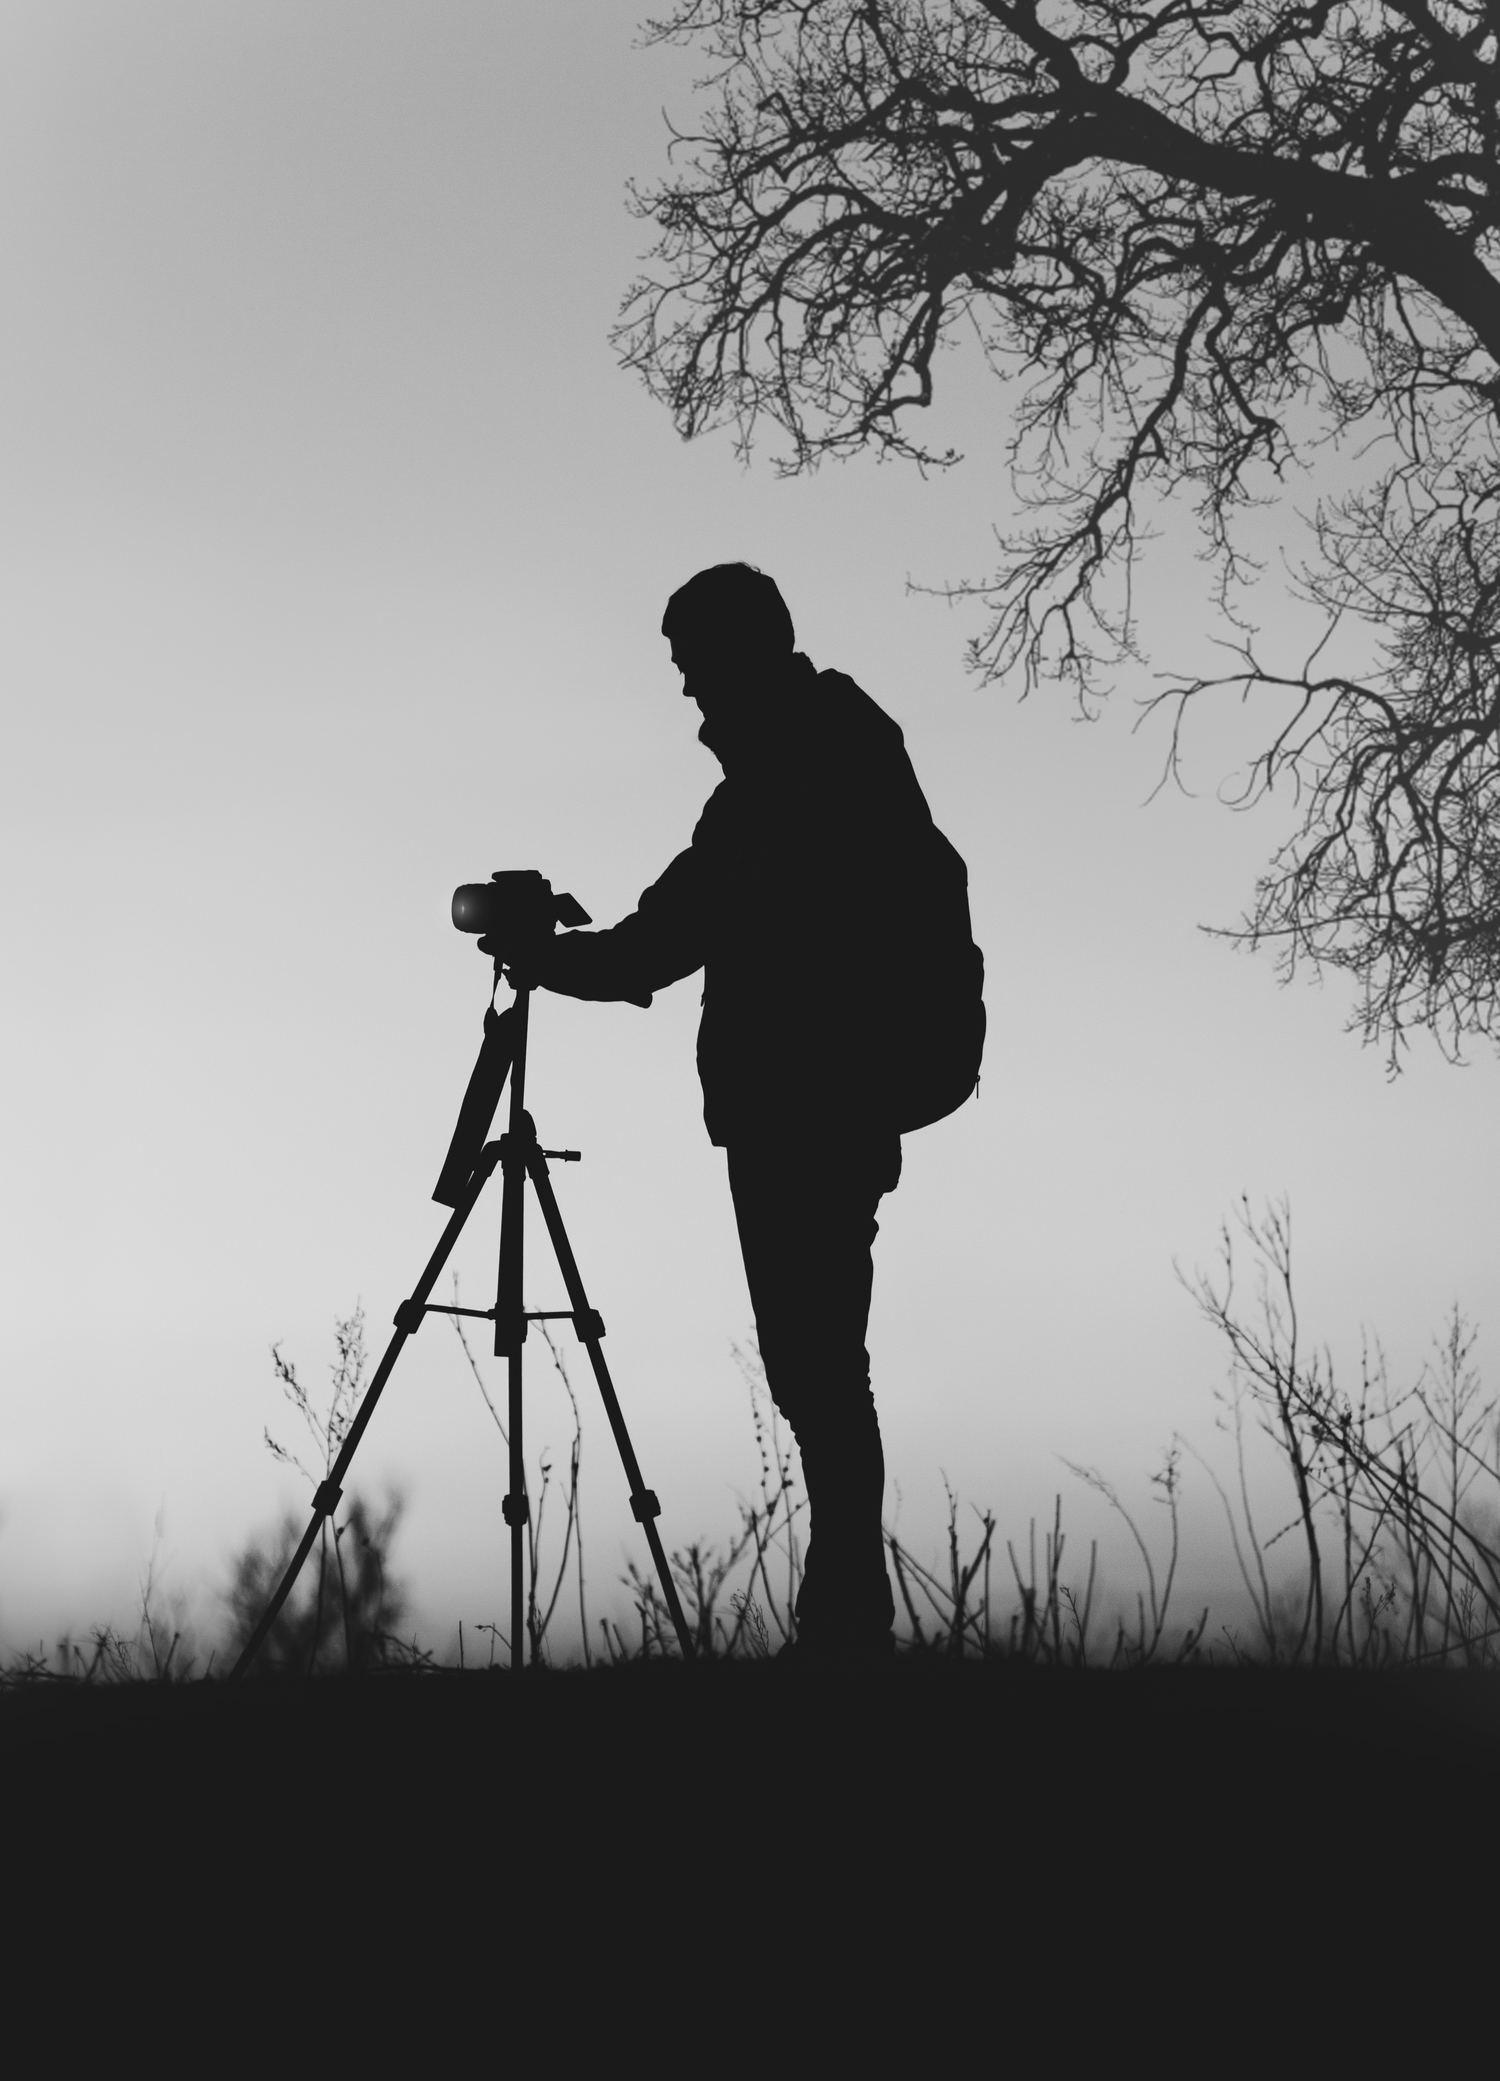 fotografía nocturna silueta de un fotógrafo con un trúpode